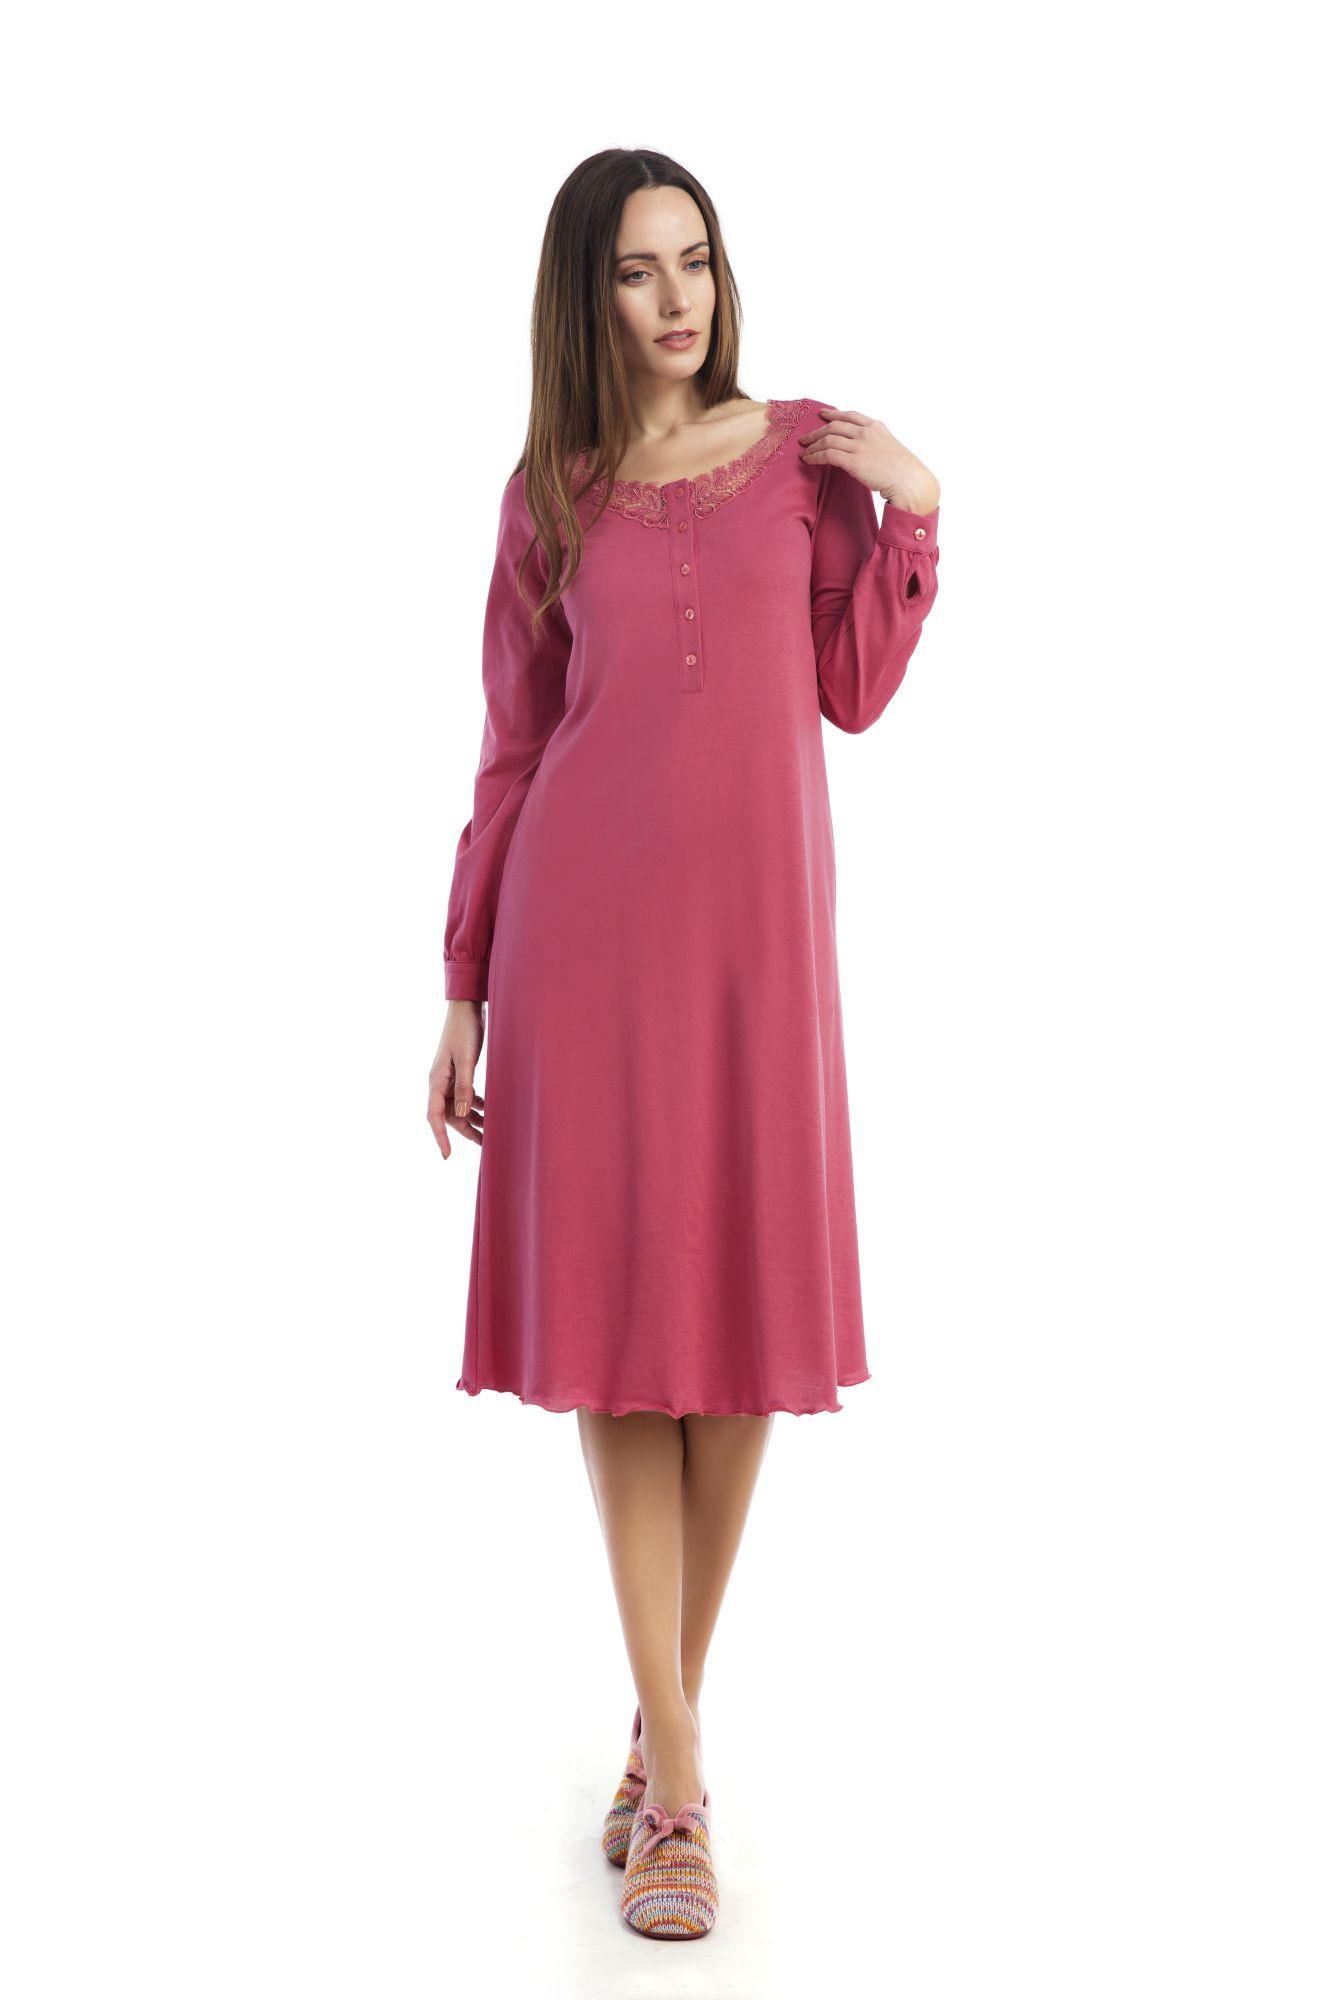 Dámská noční košile Bianca 00-10-2610 - Vamp Barva: modrá, Velikost: XL